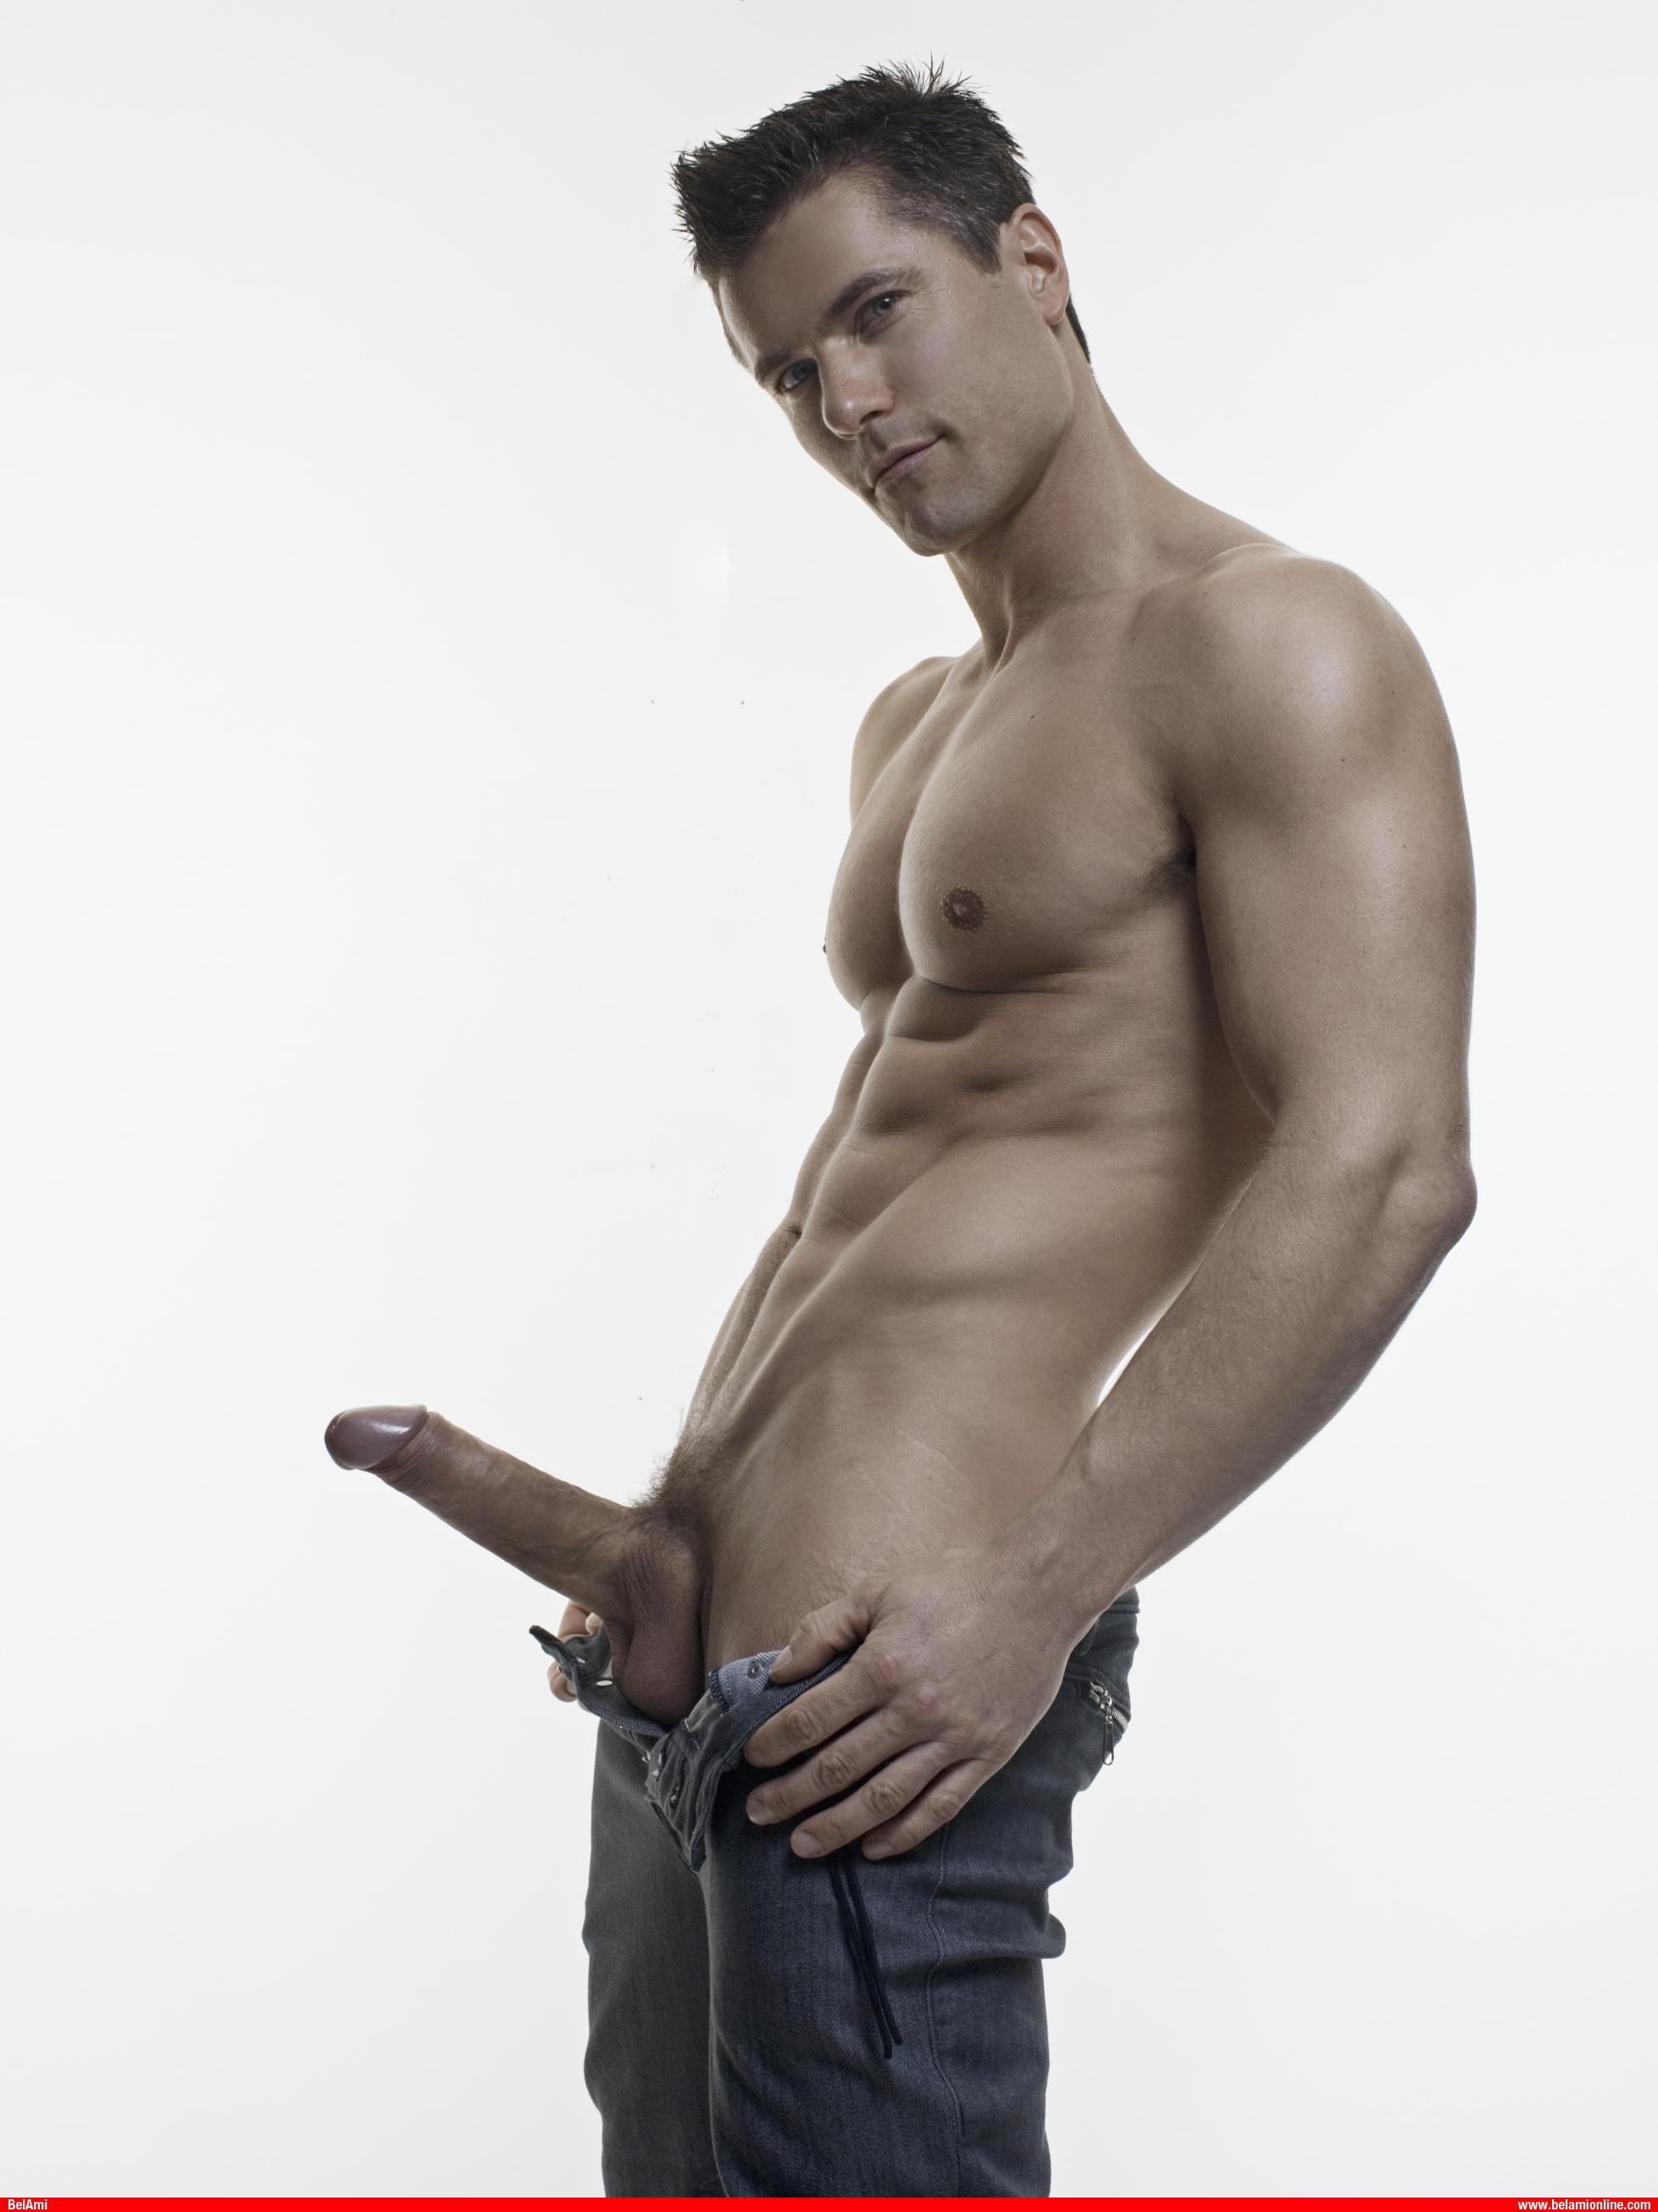 Lukas ridgeston cock